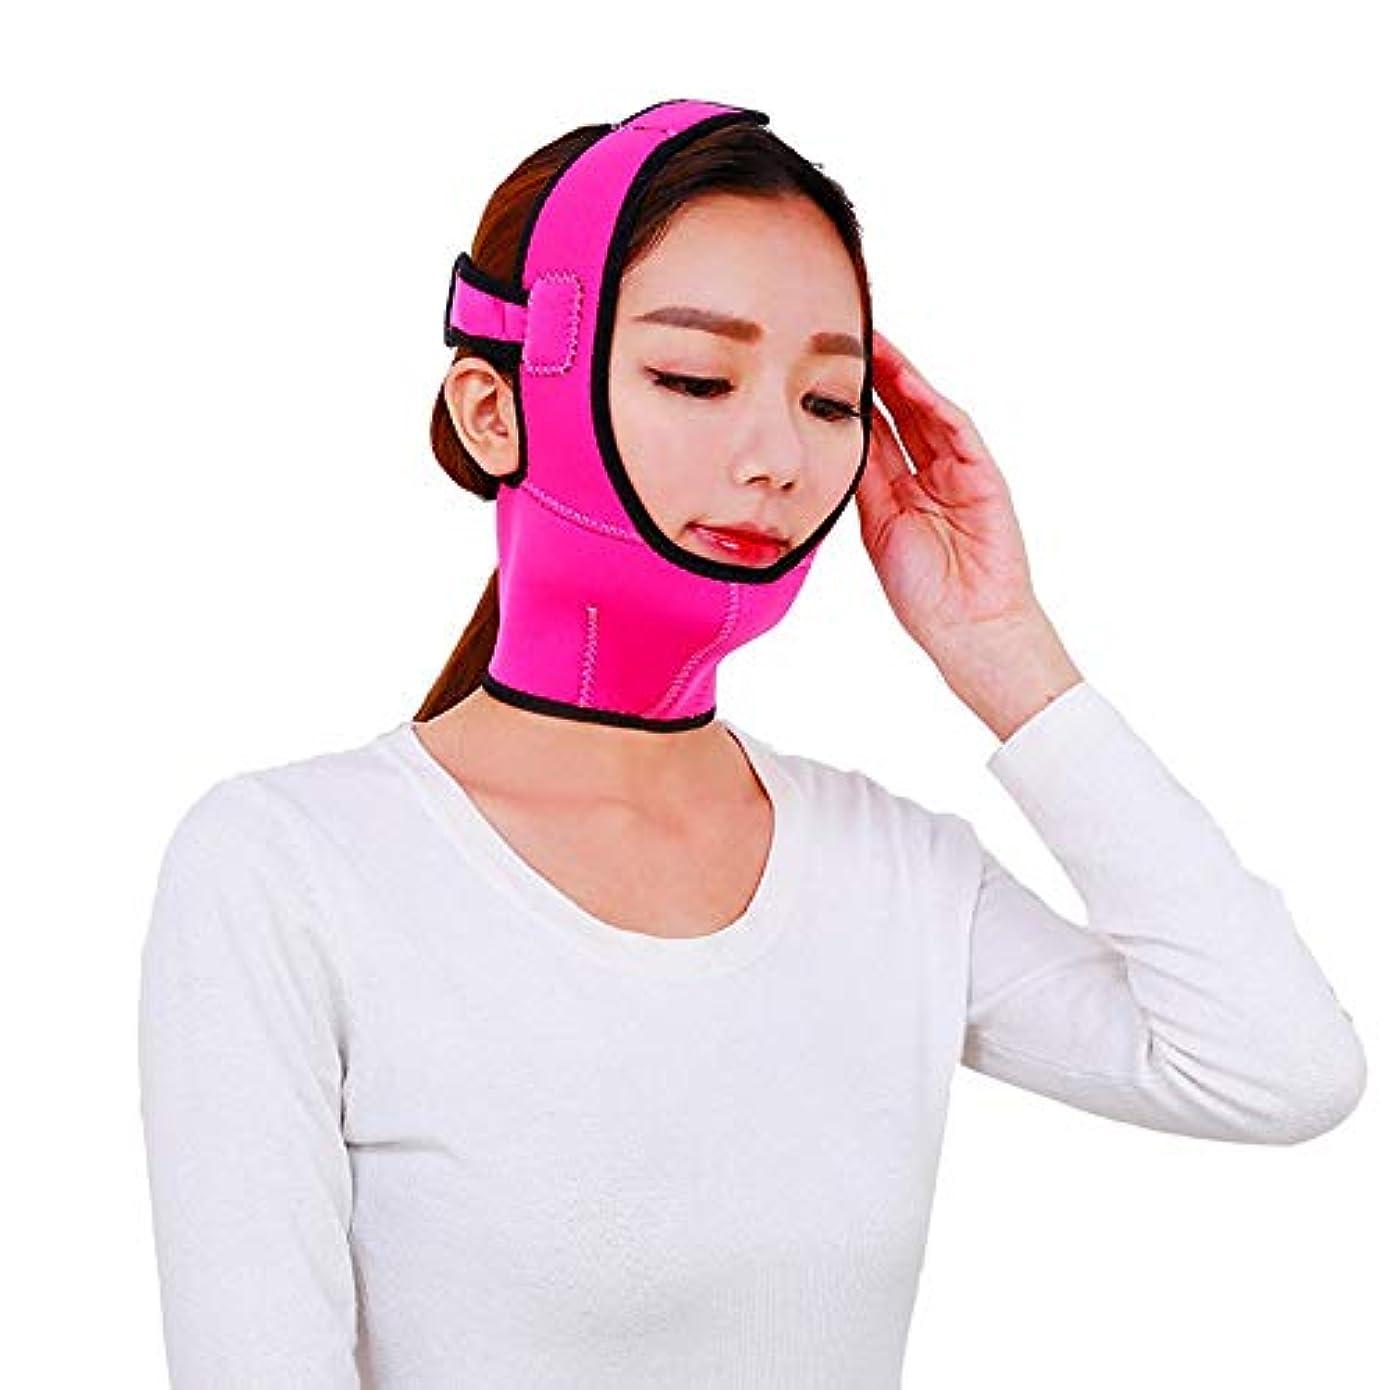 無声でかけがえのないどう?顔を持ち上げるベルト通気性の顔面リフティング包帯ダブルチン顔面リフティングマスクを締めるV顔面顔面リフレッシングツール